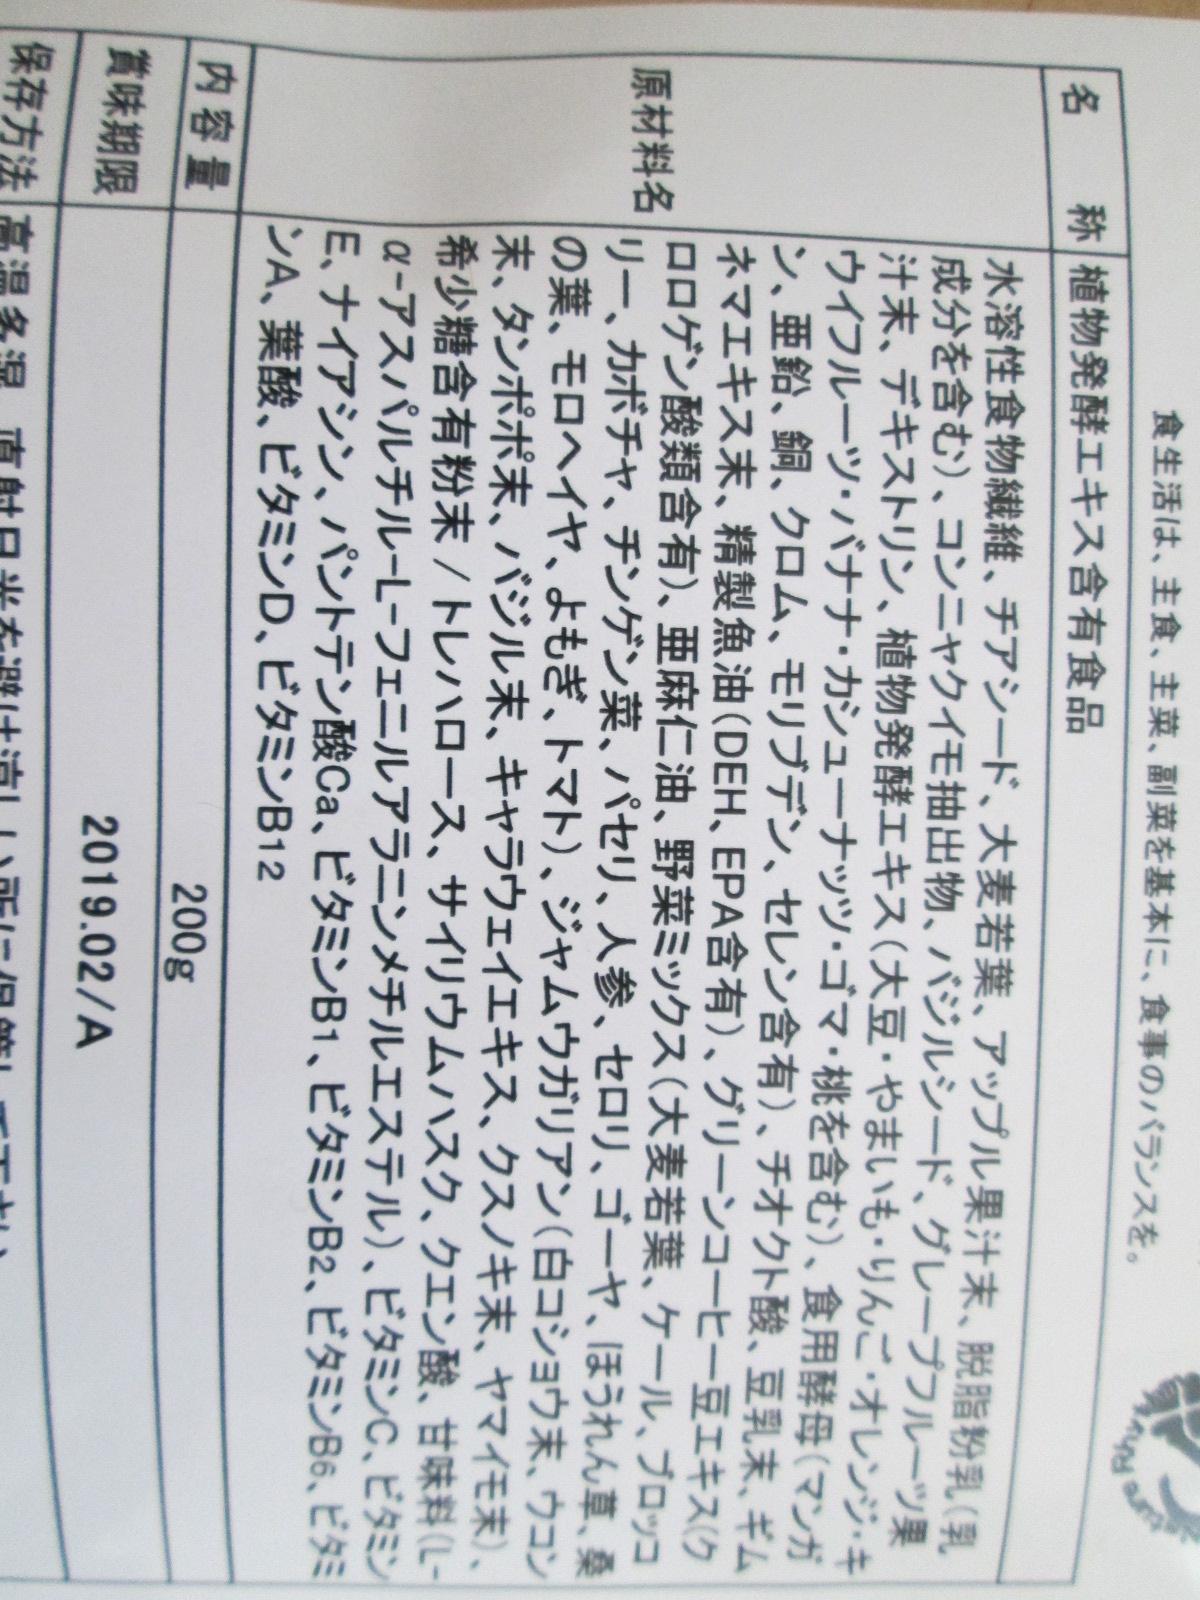 IMG_0299 ネイチャーリズム (3)